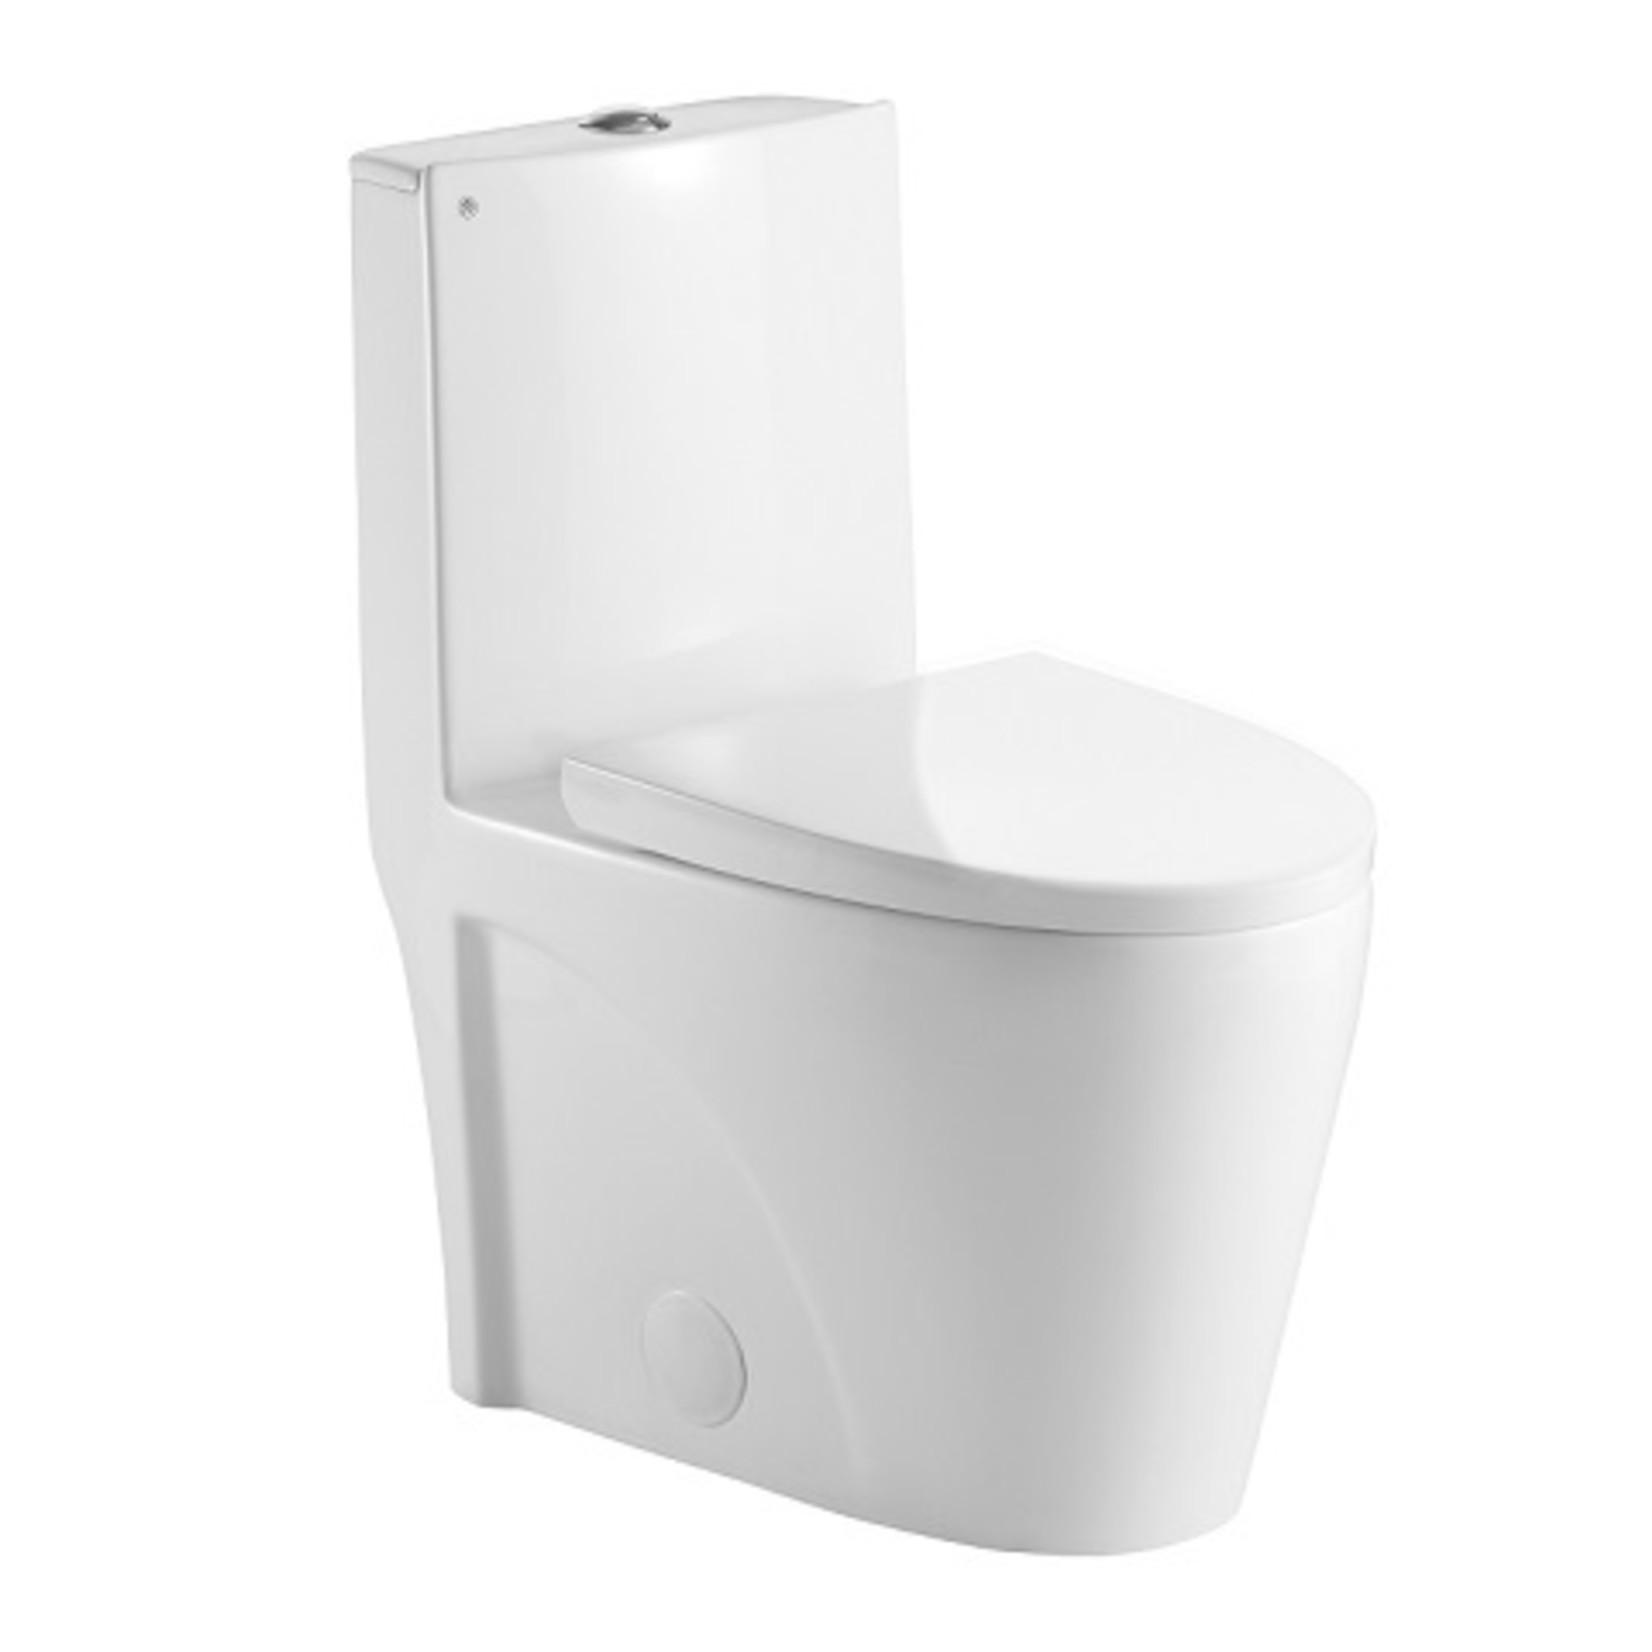 Buxton 0382 One-Piece Toilet